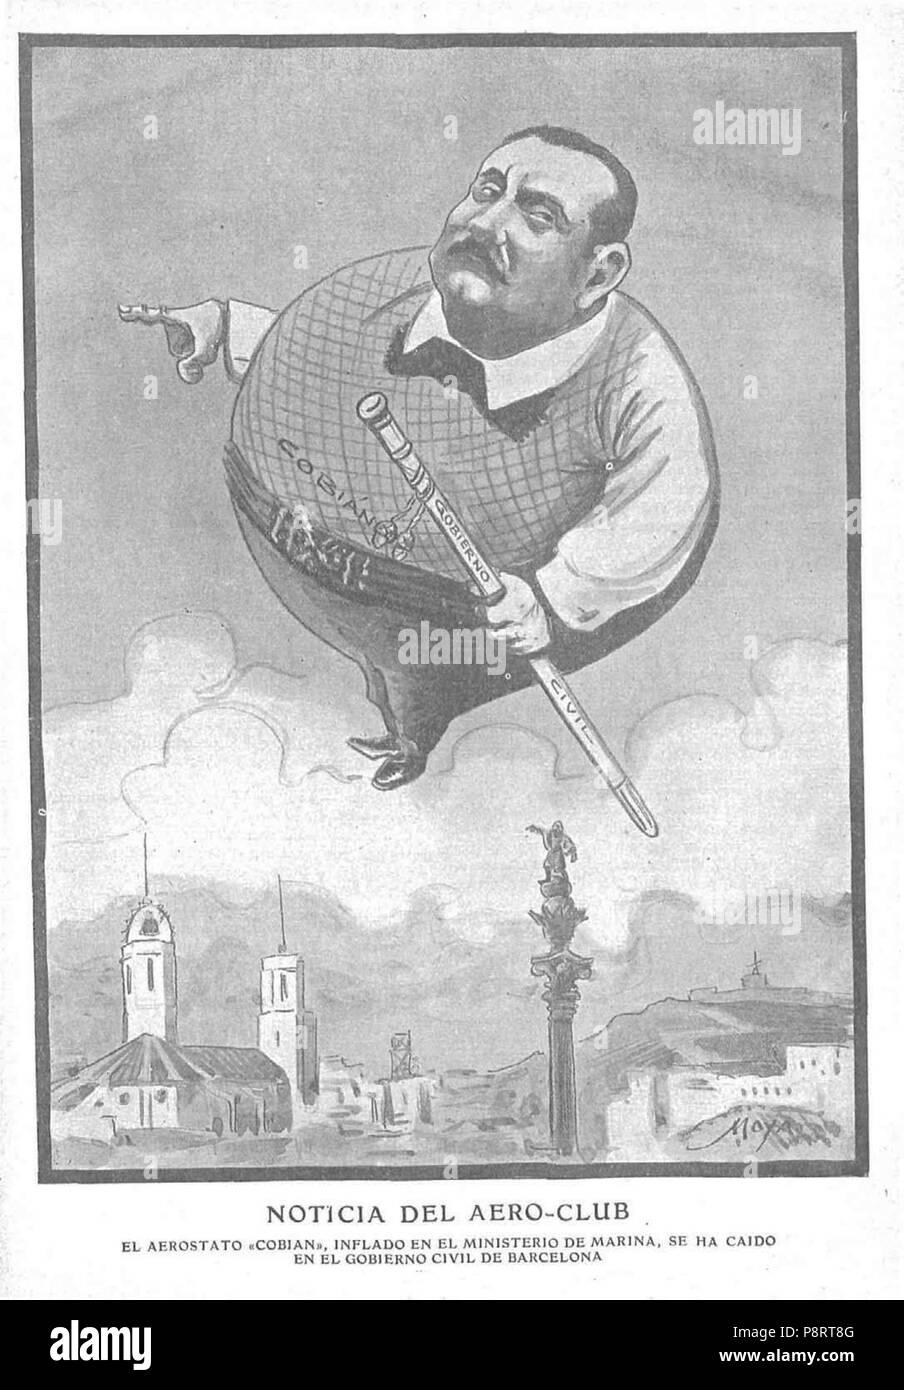 14 1906-07-01, Gedeón, Noticia del aero-club, Moya - Stock Image